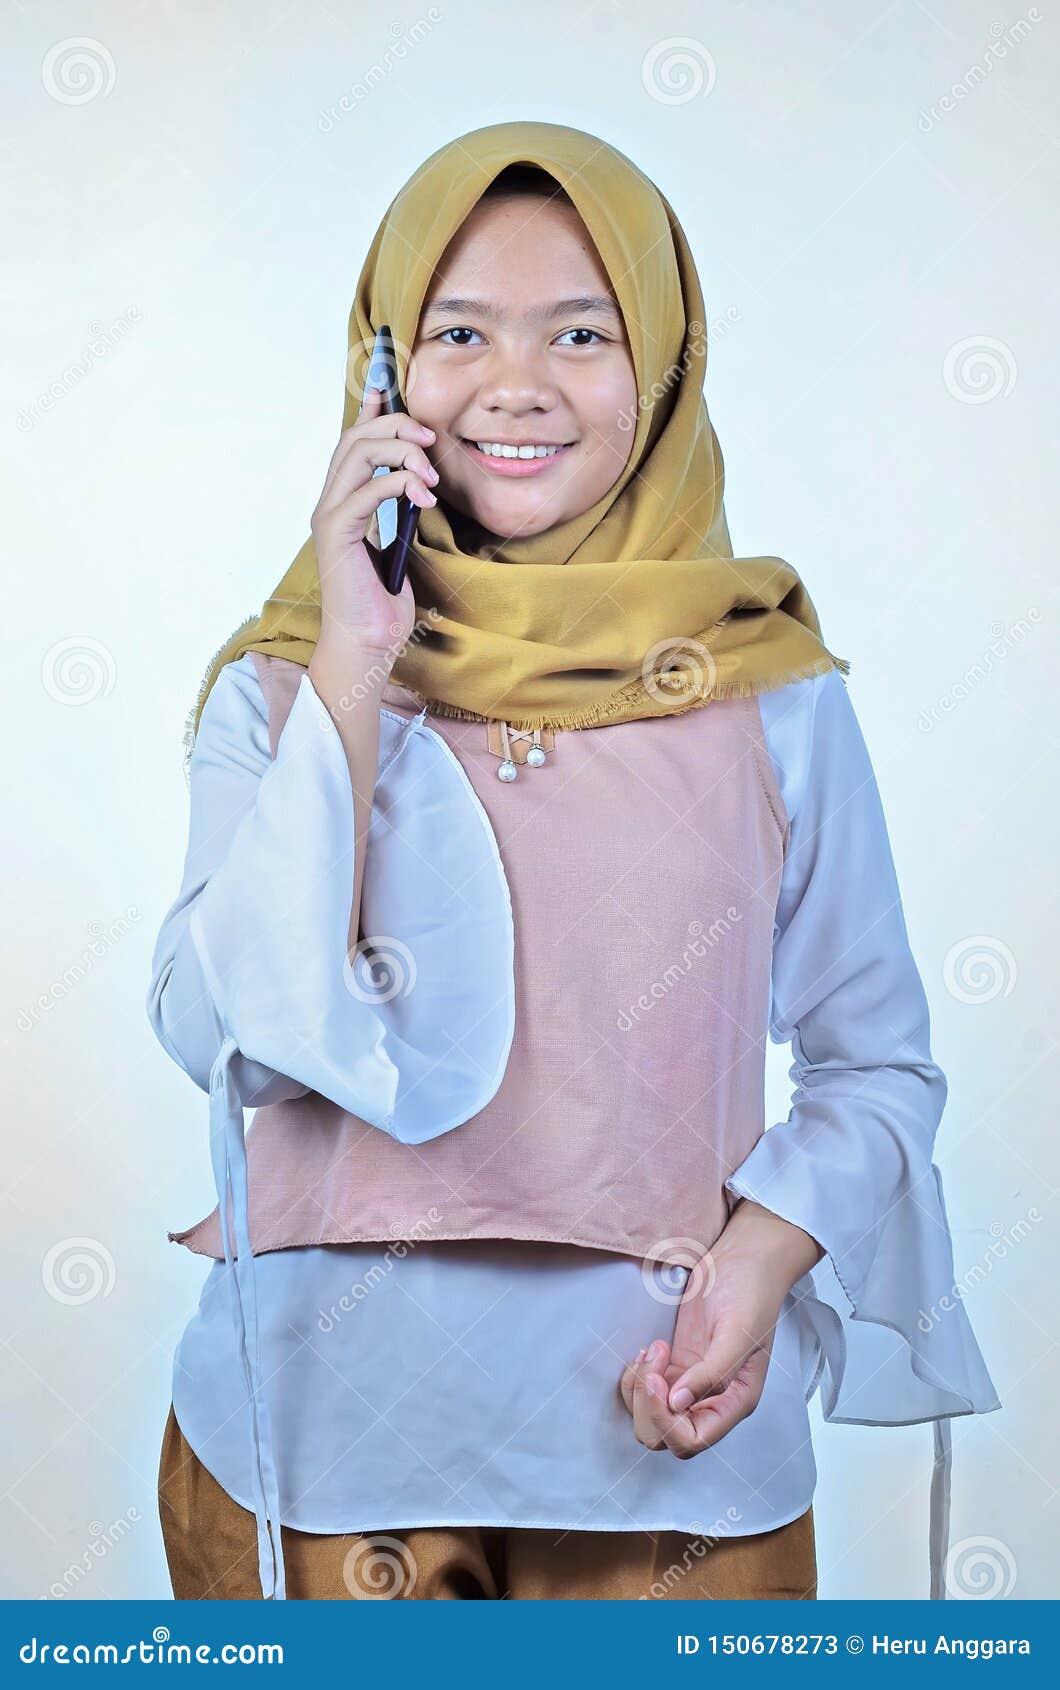 Het portret van een jonge studenten Aziatische vrouw die op mobiele telefoon spreken, spreekt gelukkige glimlach